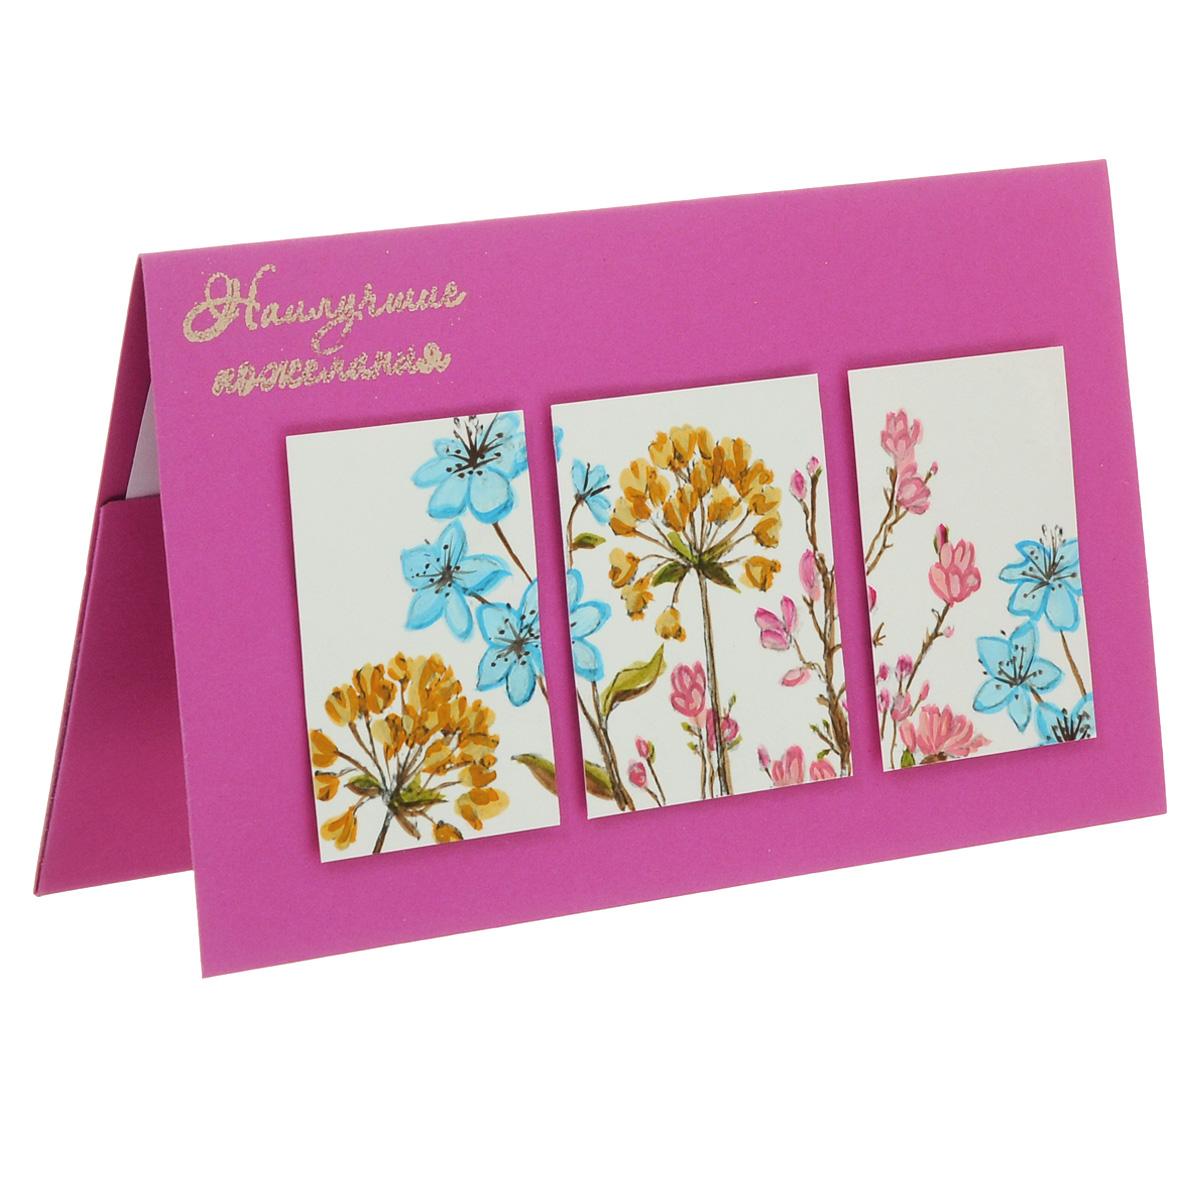 ОЖ-0024Открытка-конверт «Наилучшие пожелания» (триптих розовый). Студия «Тётя Роза»2002783Характеристики: Размер 19 см x 11 см.Материал: Высоко-художественный картон, бумага, декор. Данная открытка может стать как прекрасным дополнением к вашему подарку, так и самостоятельным подарком. Так как открытка является и конвертом, в который вы можете вложить ваш денежный подарок или просто написать ваши пожелания на вкладыше. Дизайн этой открытки сложился из использования рукописного триптиха с цветочным мотивом полевых трав. В простоте решения этого поздравления заложена выразительность восприятия. Цветы прорисованы вручную акриловыми красками. Надпись выполнена в технике горячего термоподъема. Также открытка упакована в пакетик для сохранности.Обращаем Ваше внимание на то, что открытка может незначительно отличаться от представленной на фото.Открытки ручной работы от студии Тётя Роза отличаются своим неповторимым и ярким стилем. Каждая уникальна и выполнена вручную мастерами студии. (Открытка для мужчин, открытка для женщины, открытка на день рождения, открытка с днем свадьбы, открытка винтаж, открытка с юбилеем, открытка на все случаи, скрапбукинг)